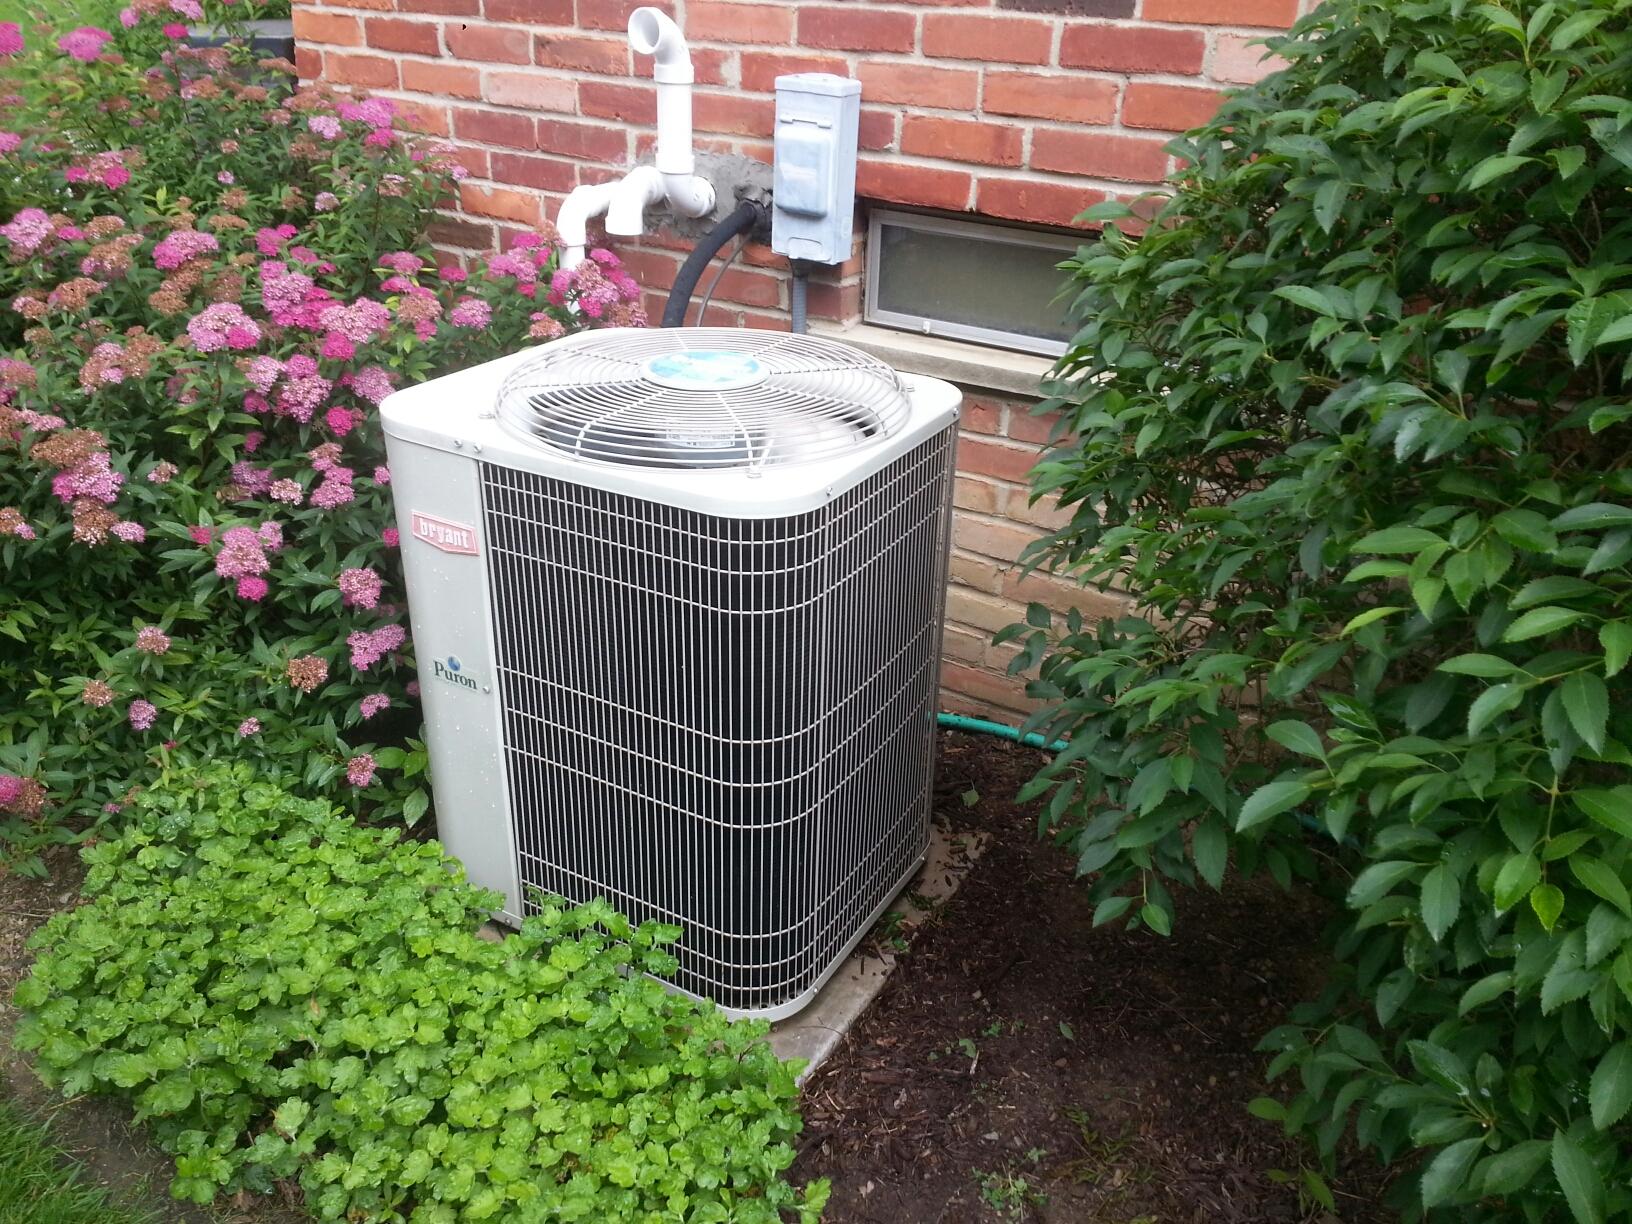 Belleville, MI - No cooling